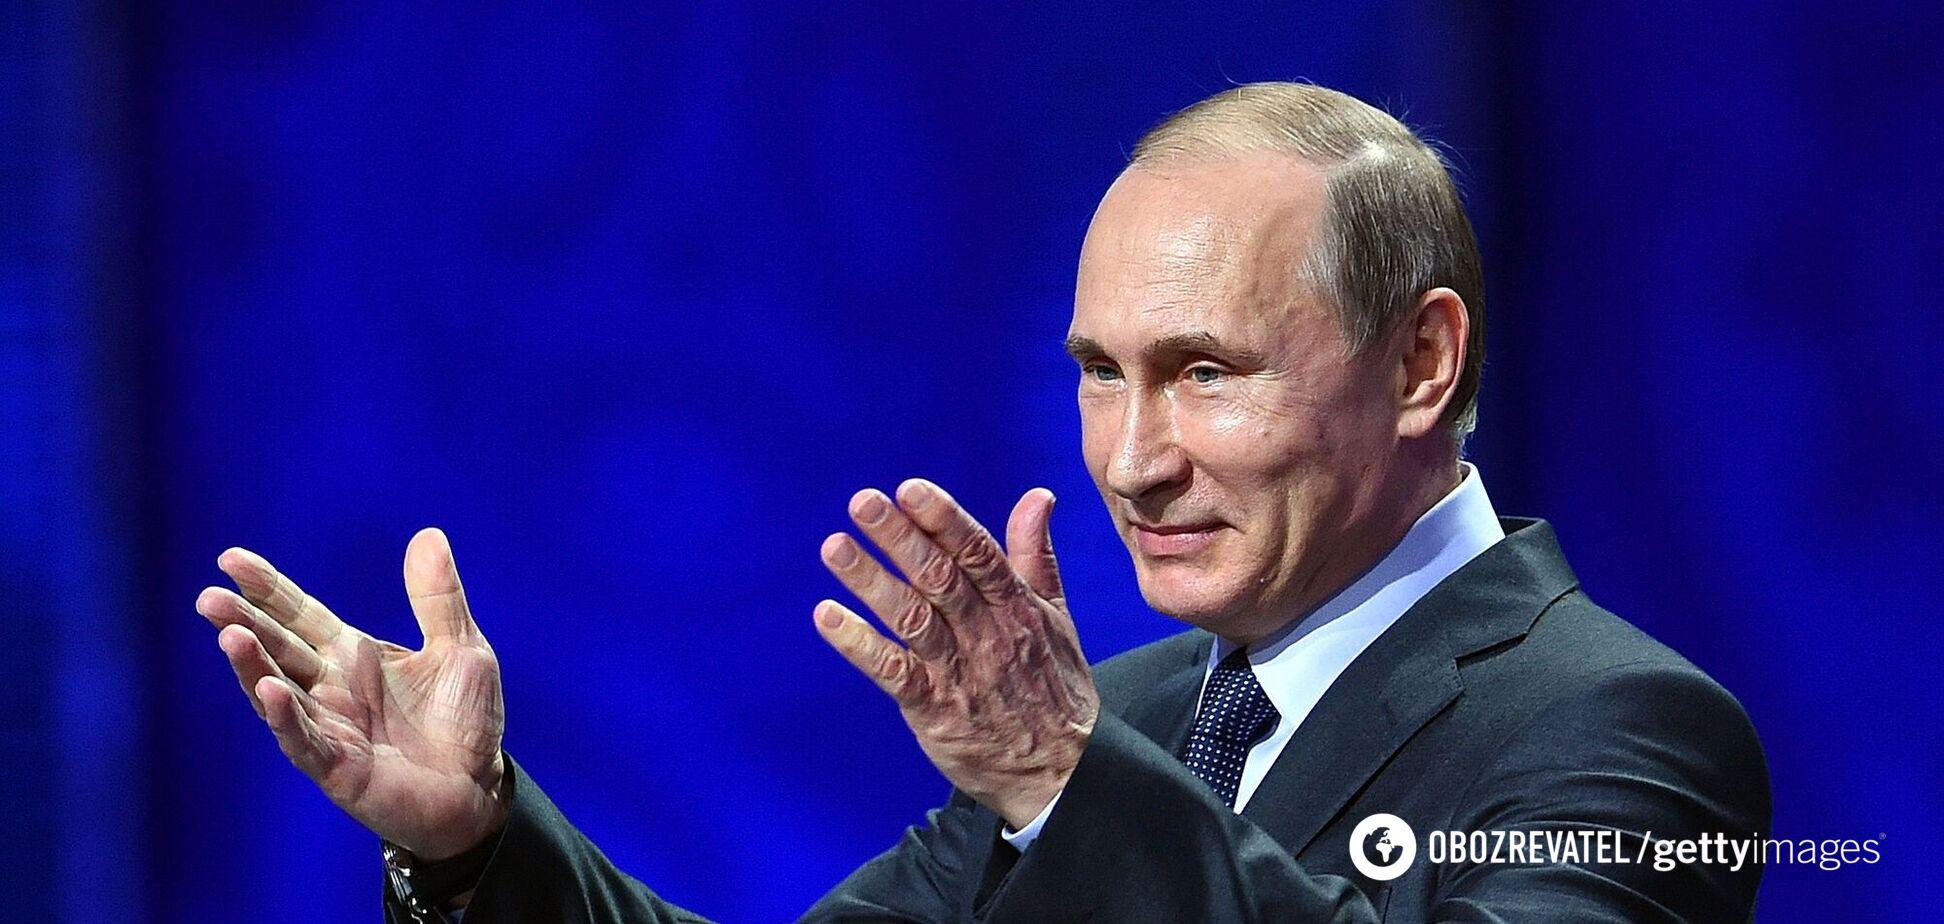 Путін звинуватив спецслужби України і США в 'провокації з 'вагнерівцями'